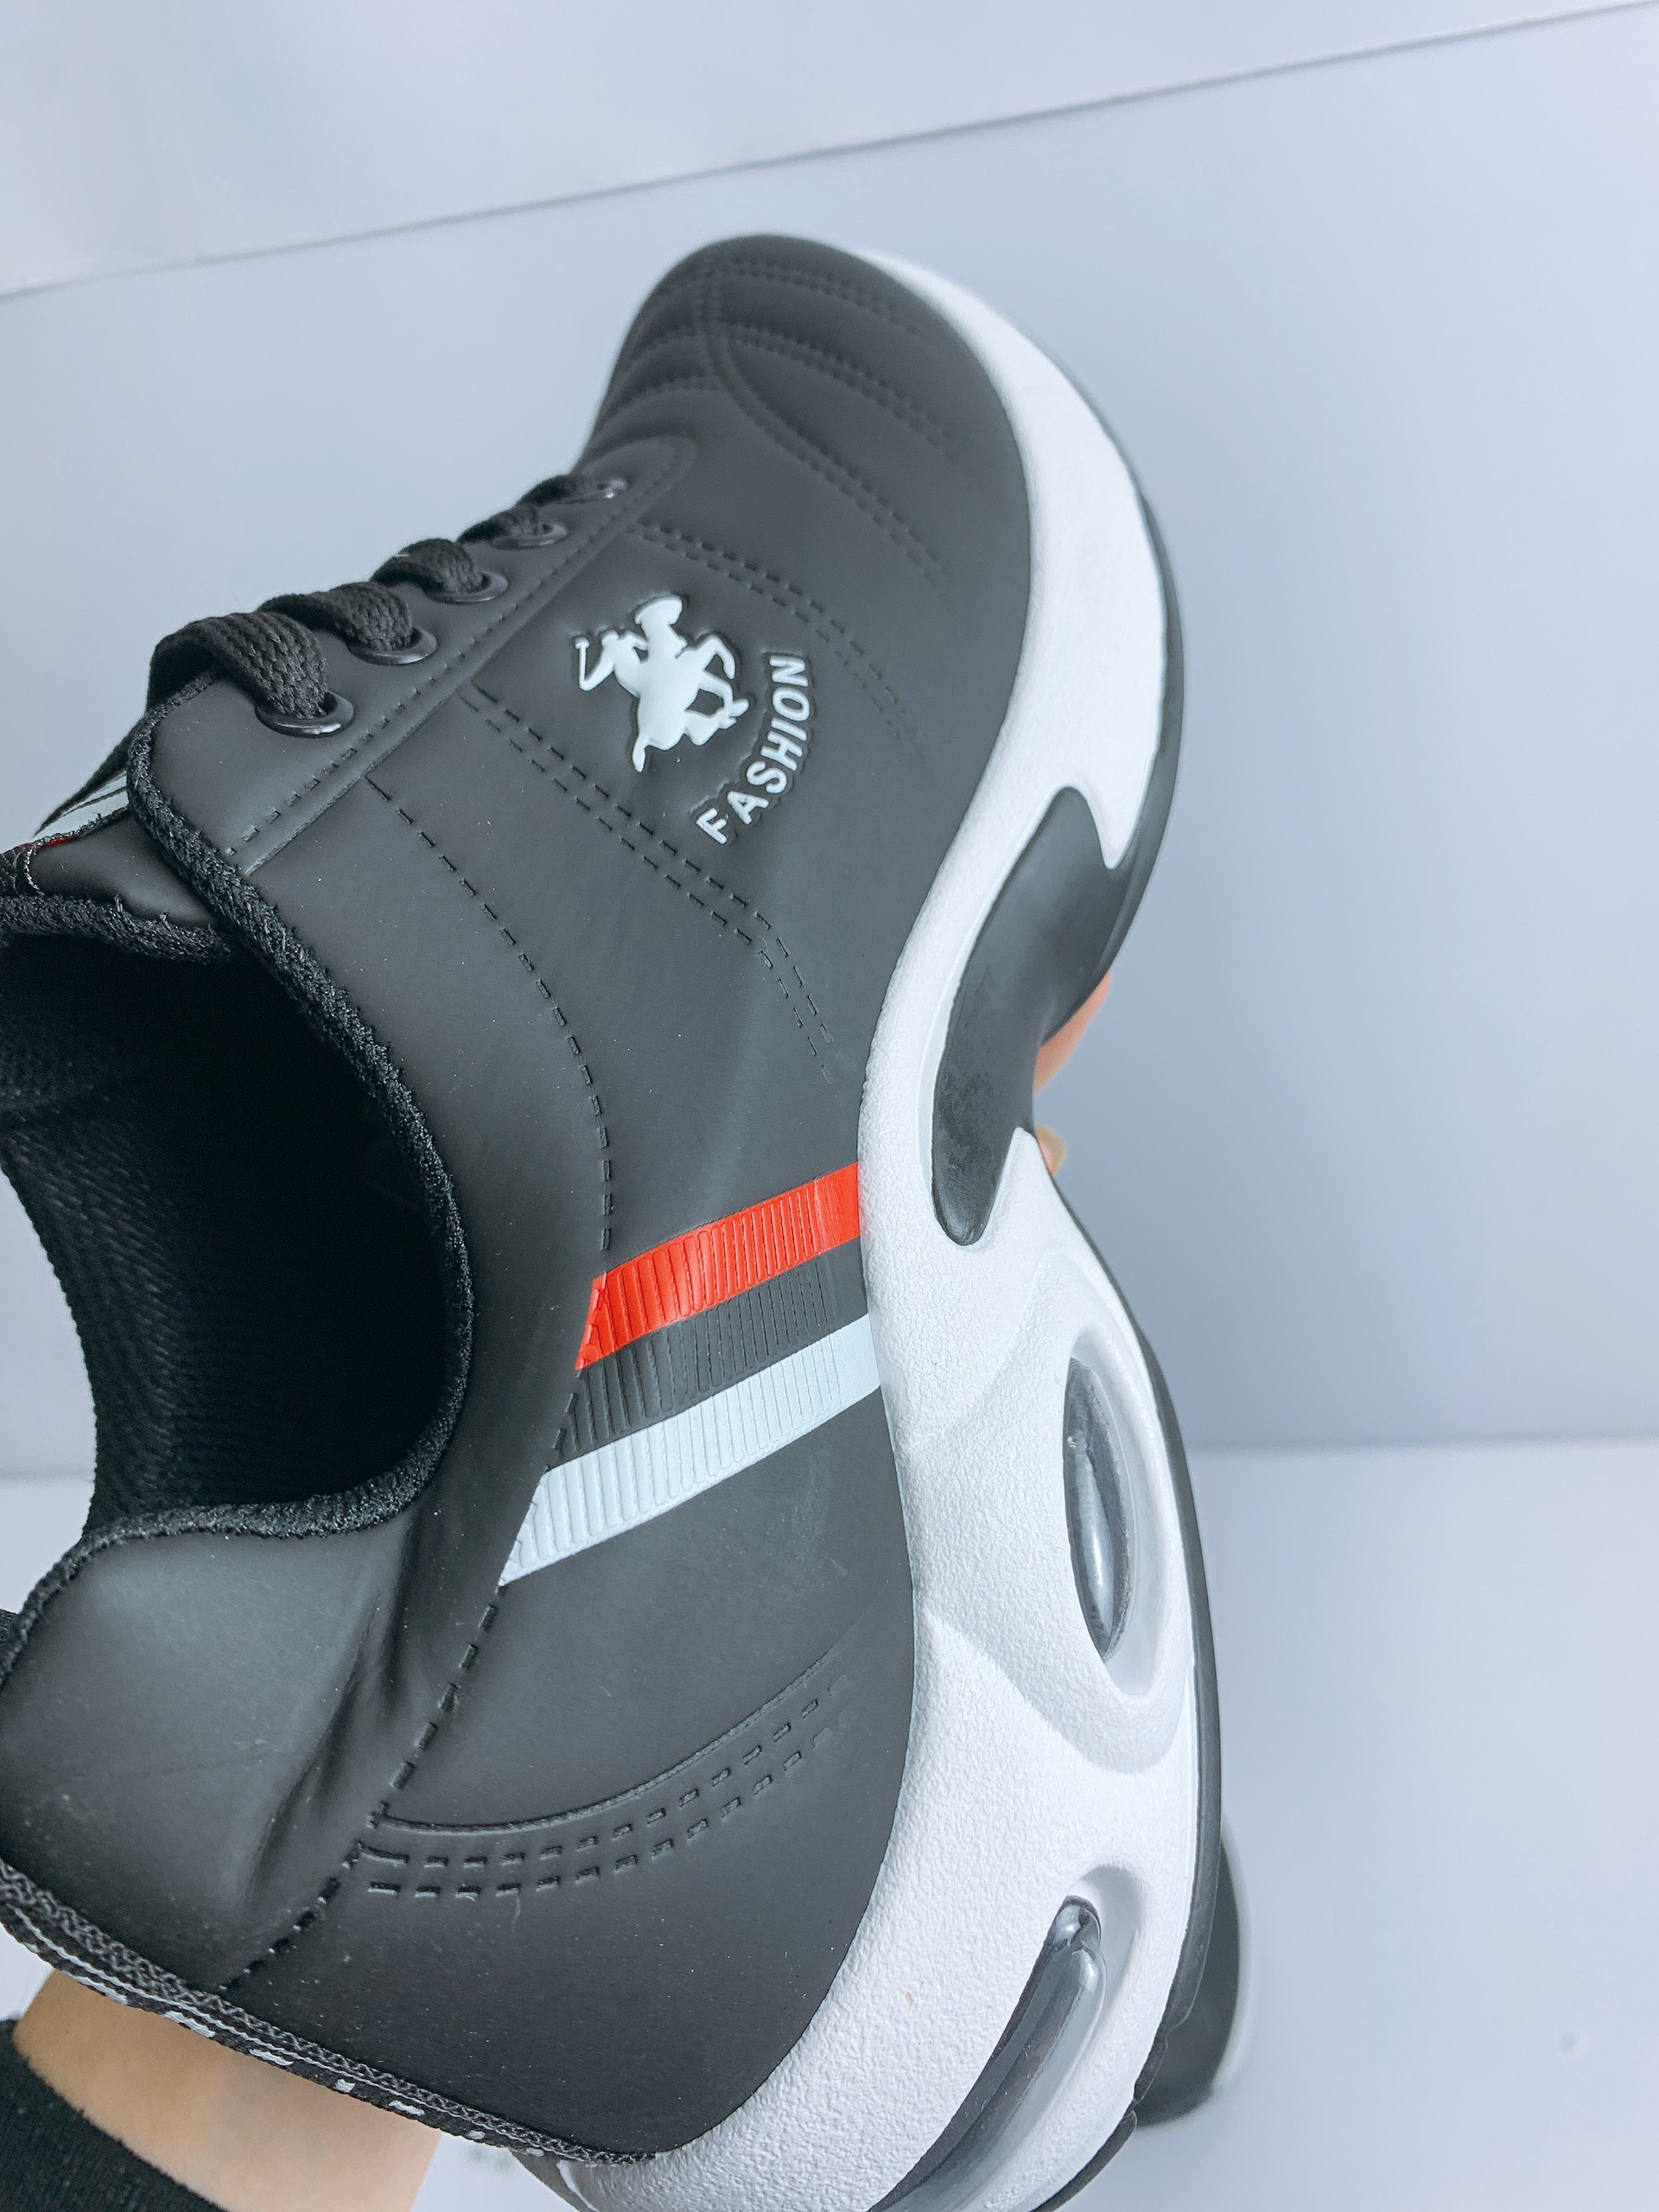 Giày Thể Thao Nam Fashion - Chất Liệu Cao Cấp - Bền, Đẹp, Êm Chân - Trẻ Trung, Năng Động - Tặng Ngẫu Nhiên 1 Đôi Tất Ngắn Cổ